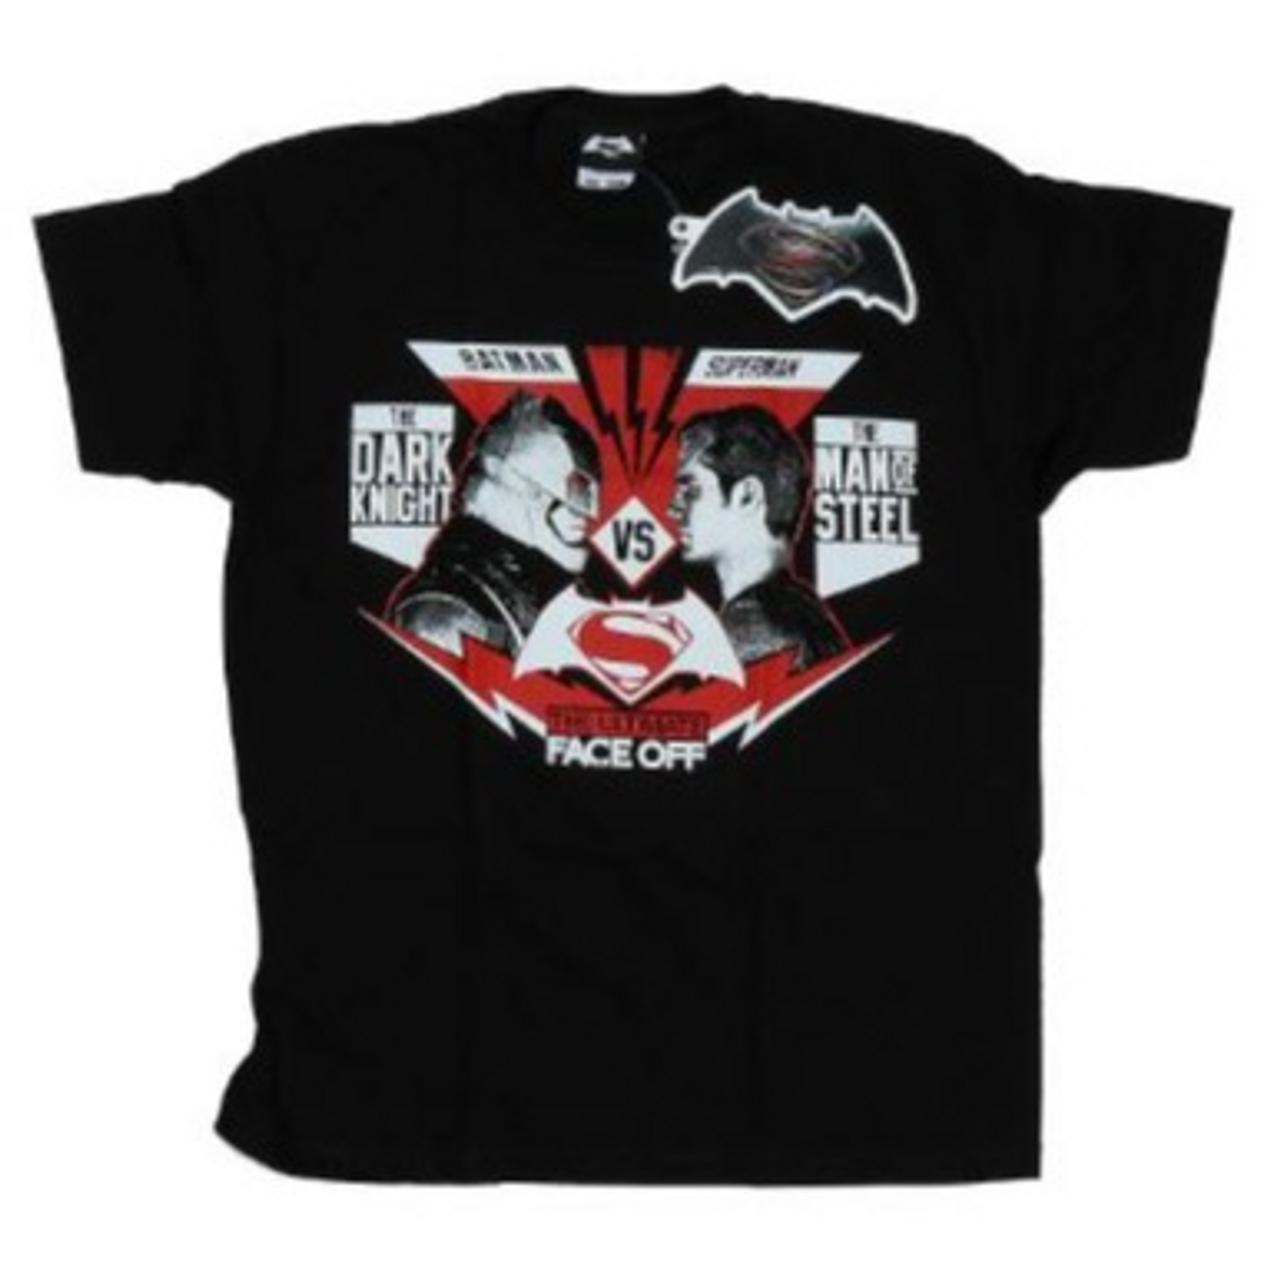 DC Comics - Batman v Superman Face Off T-Shirt - SIZE SMALL